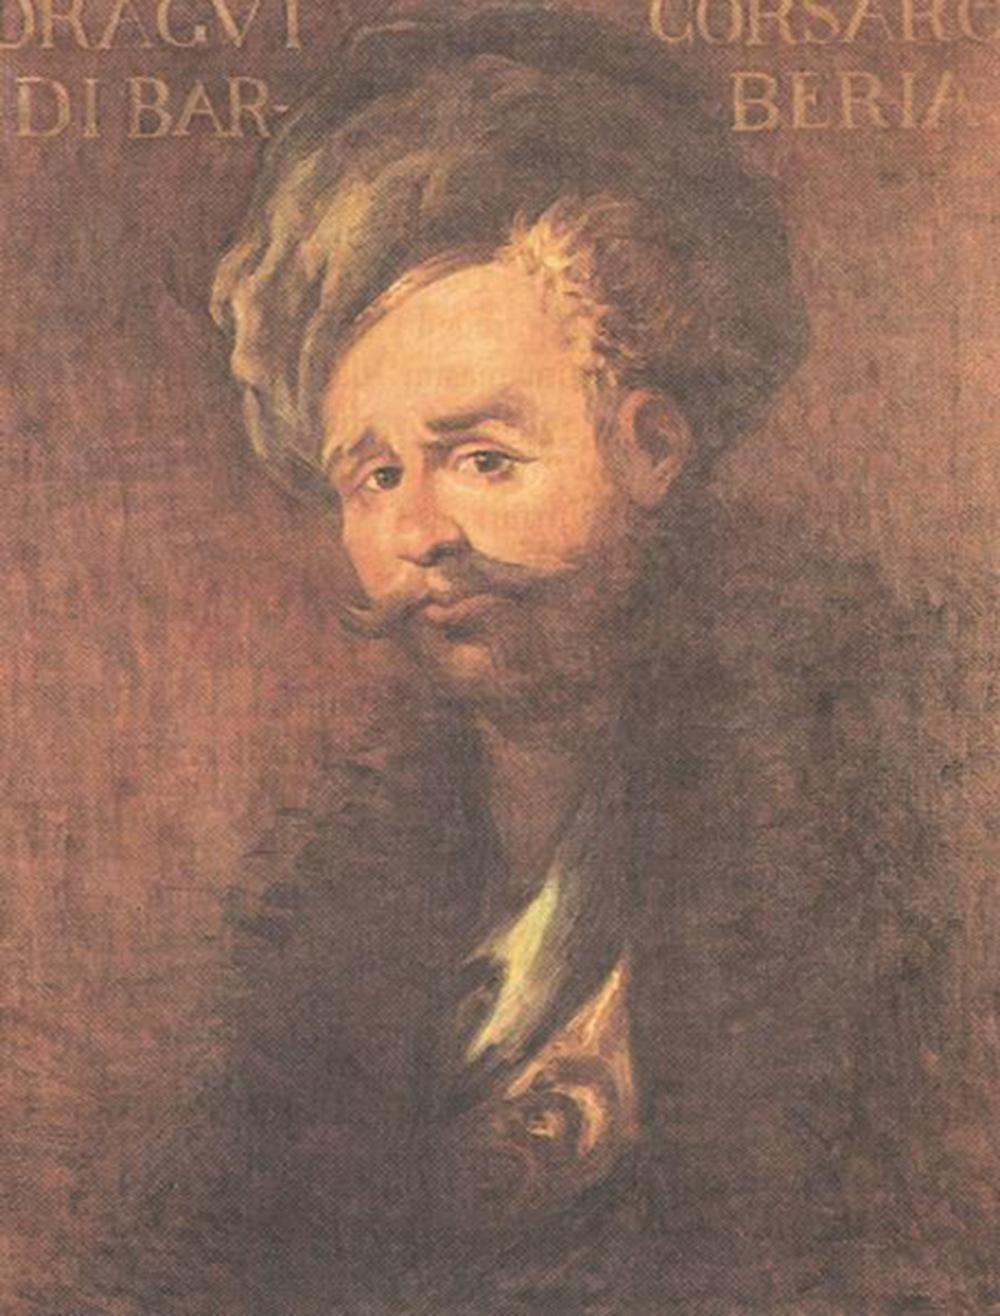 Sektörel Tarih: Turgutça'dan Dragut'a, Turgut Reis'in Öyküsü